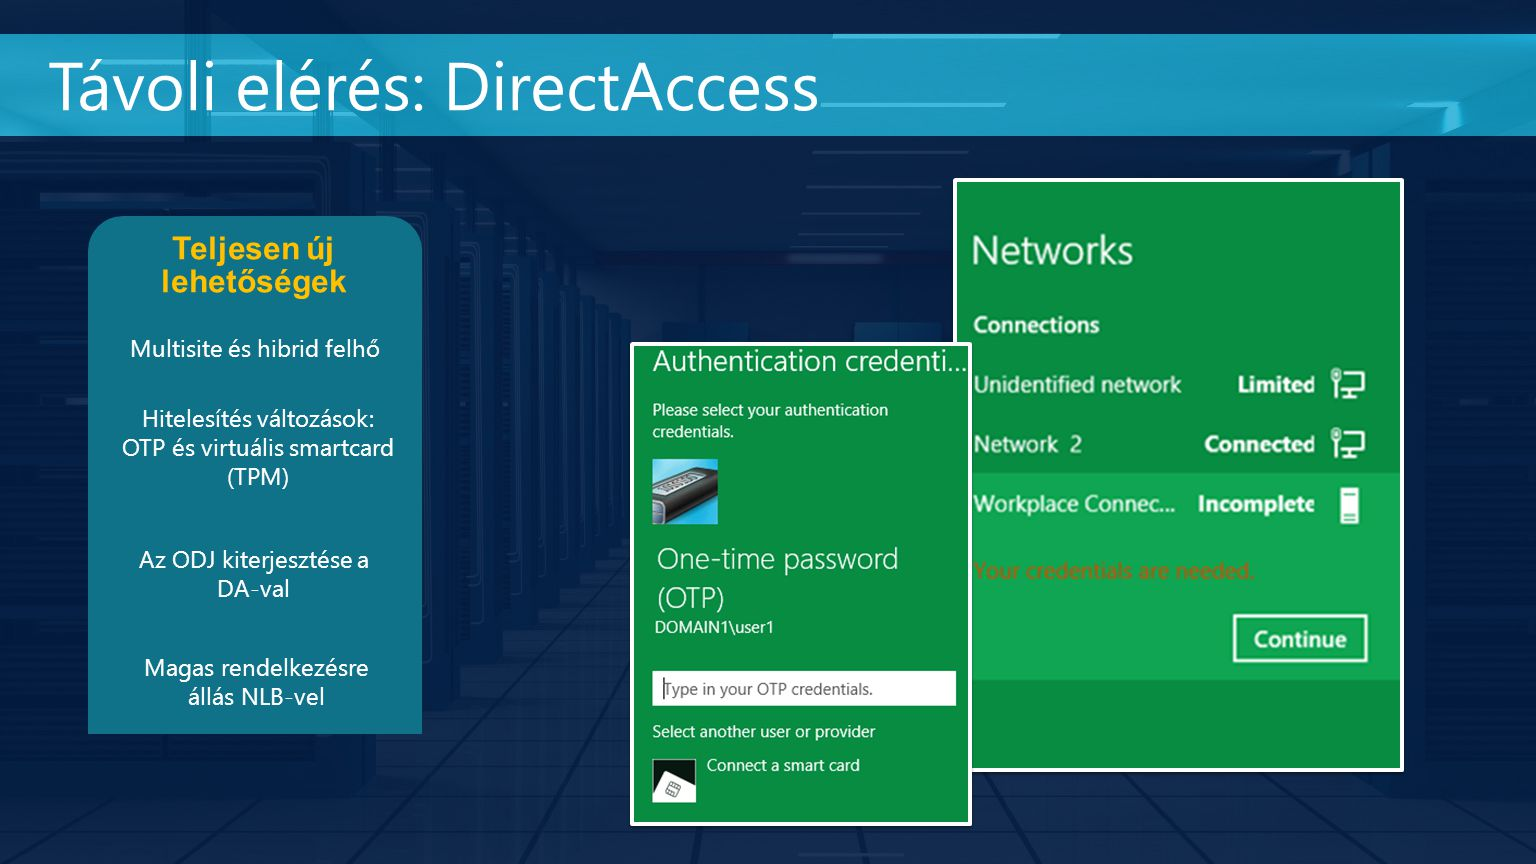 Távoli elérés: DirectAccess Teljesen új lehetőségek Multisite és hibrid felhő Hitelesítés változások: OTP és virtuális smartcard (TPM) Az ODJ kiterjes